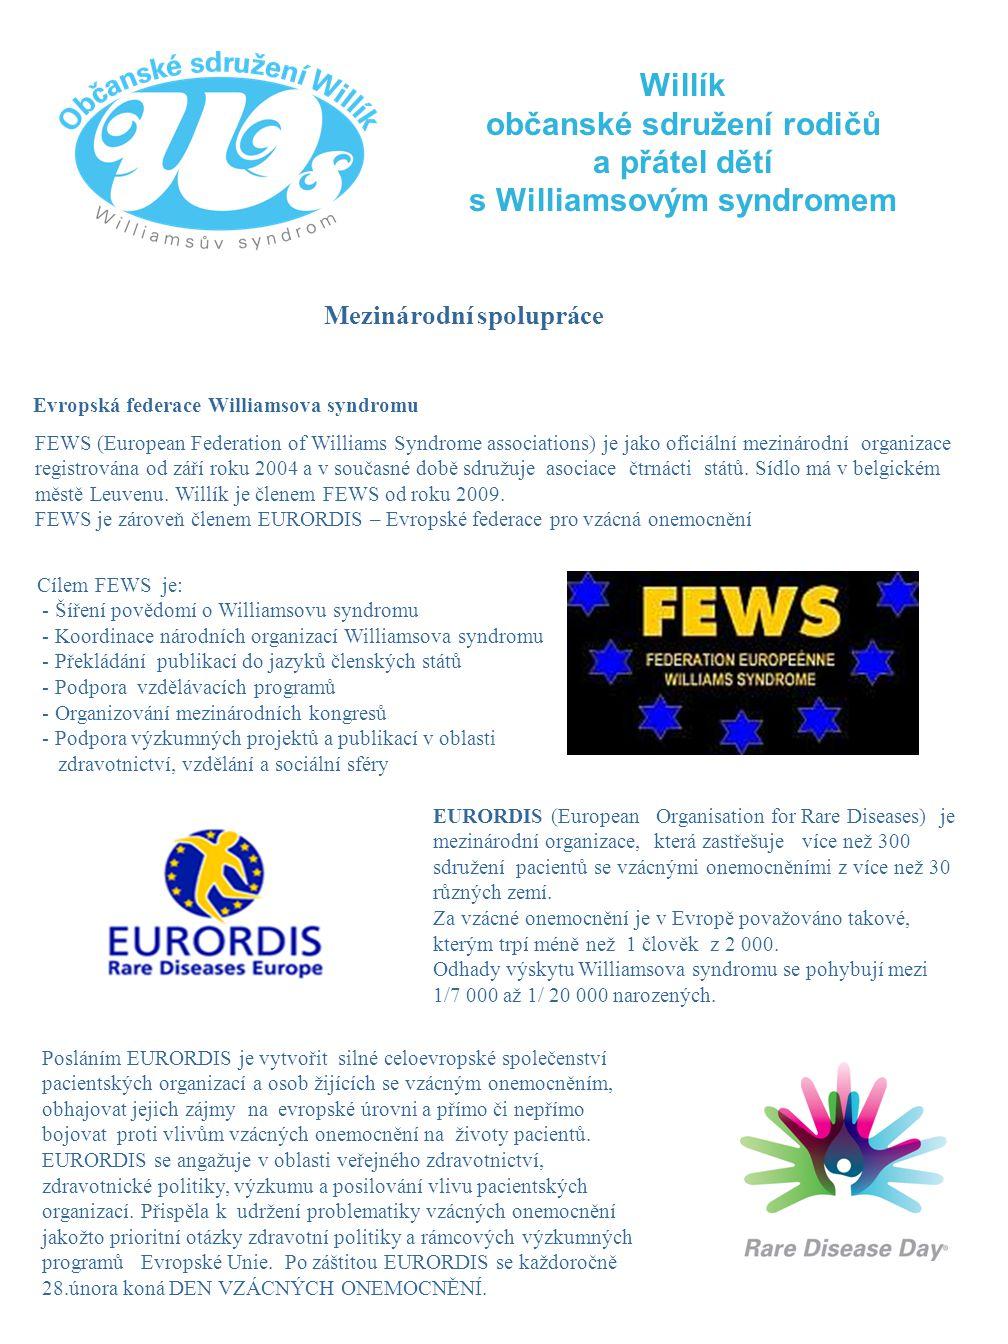 občanské sdružení rodičů s Williamsovým syndromem